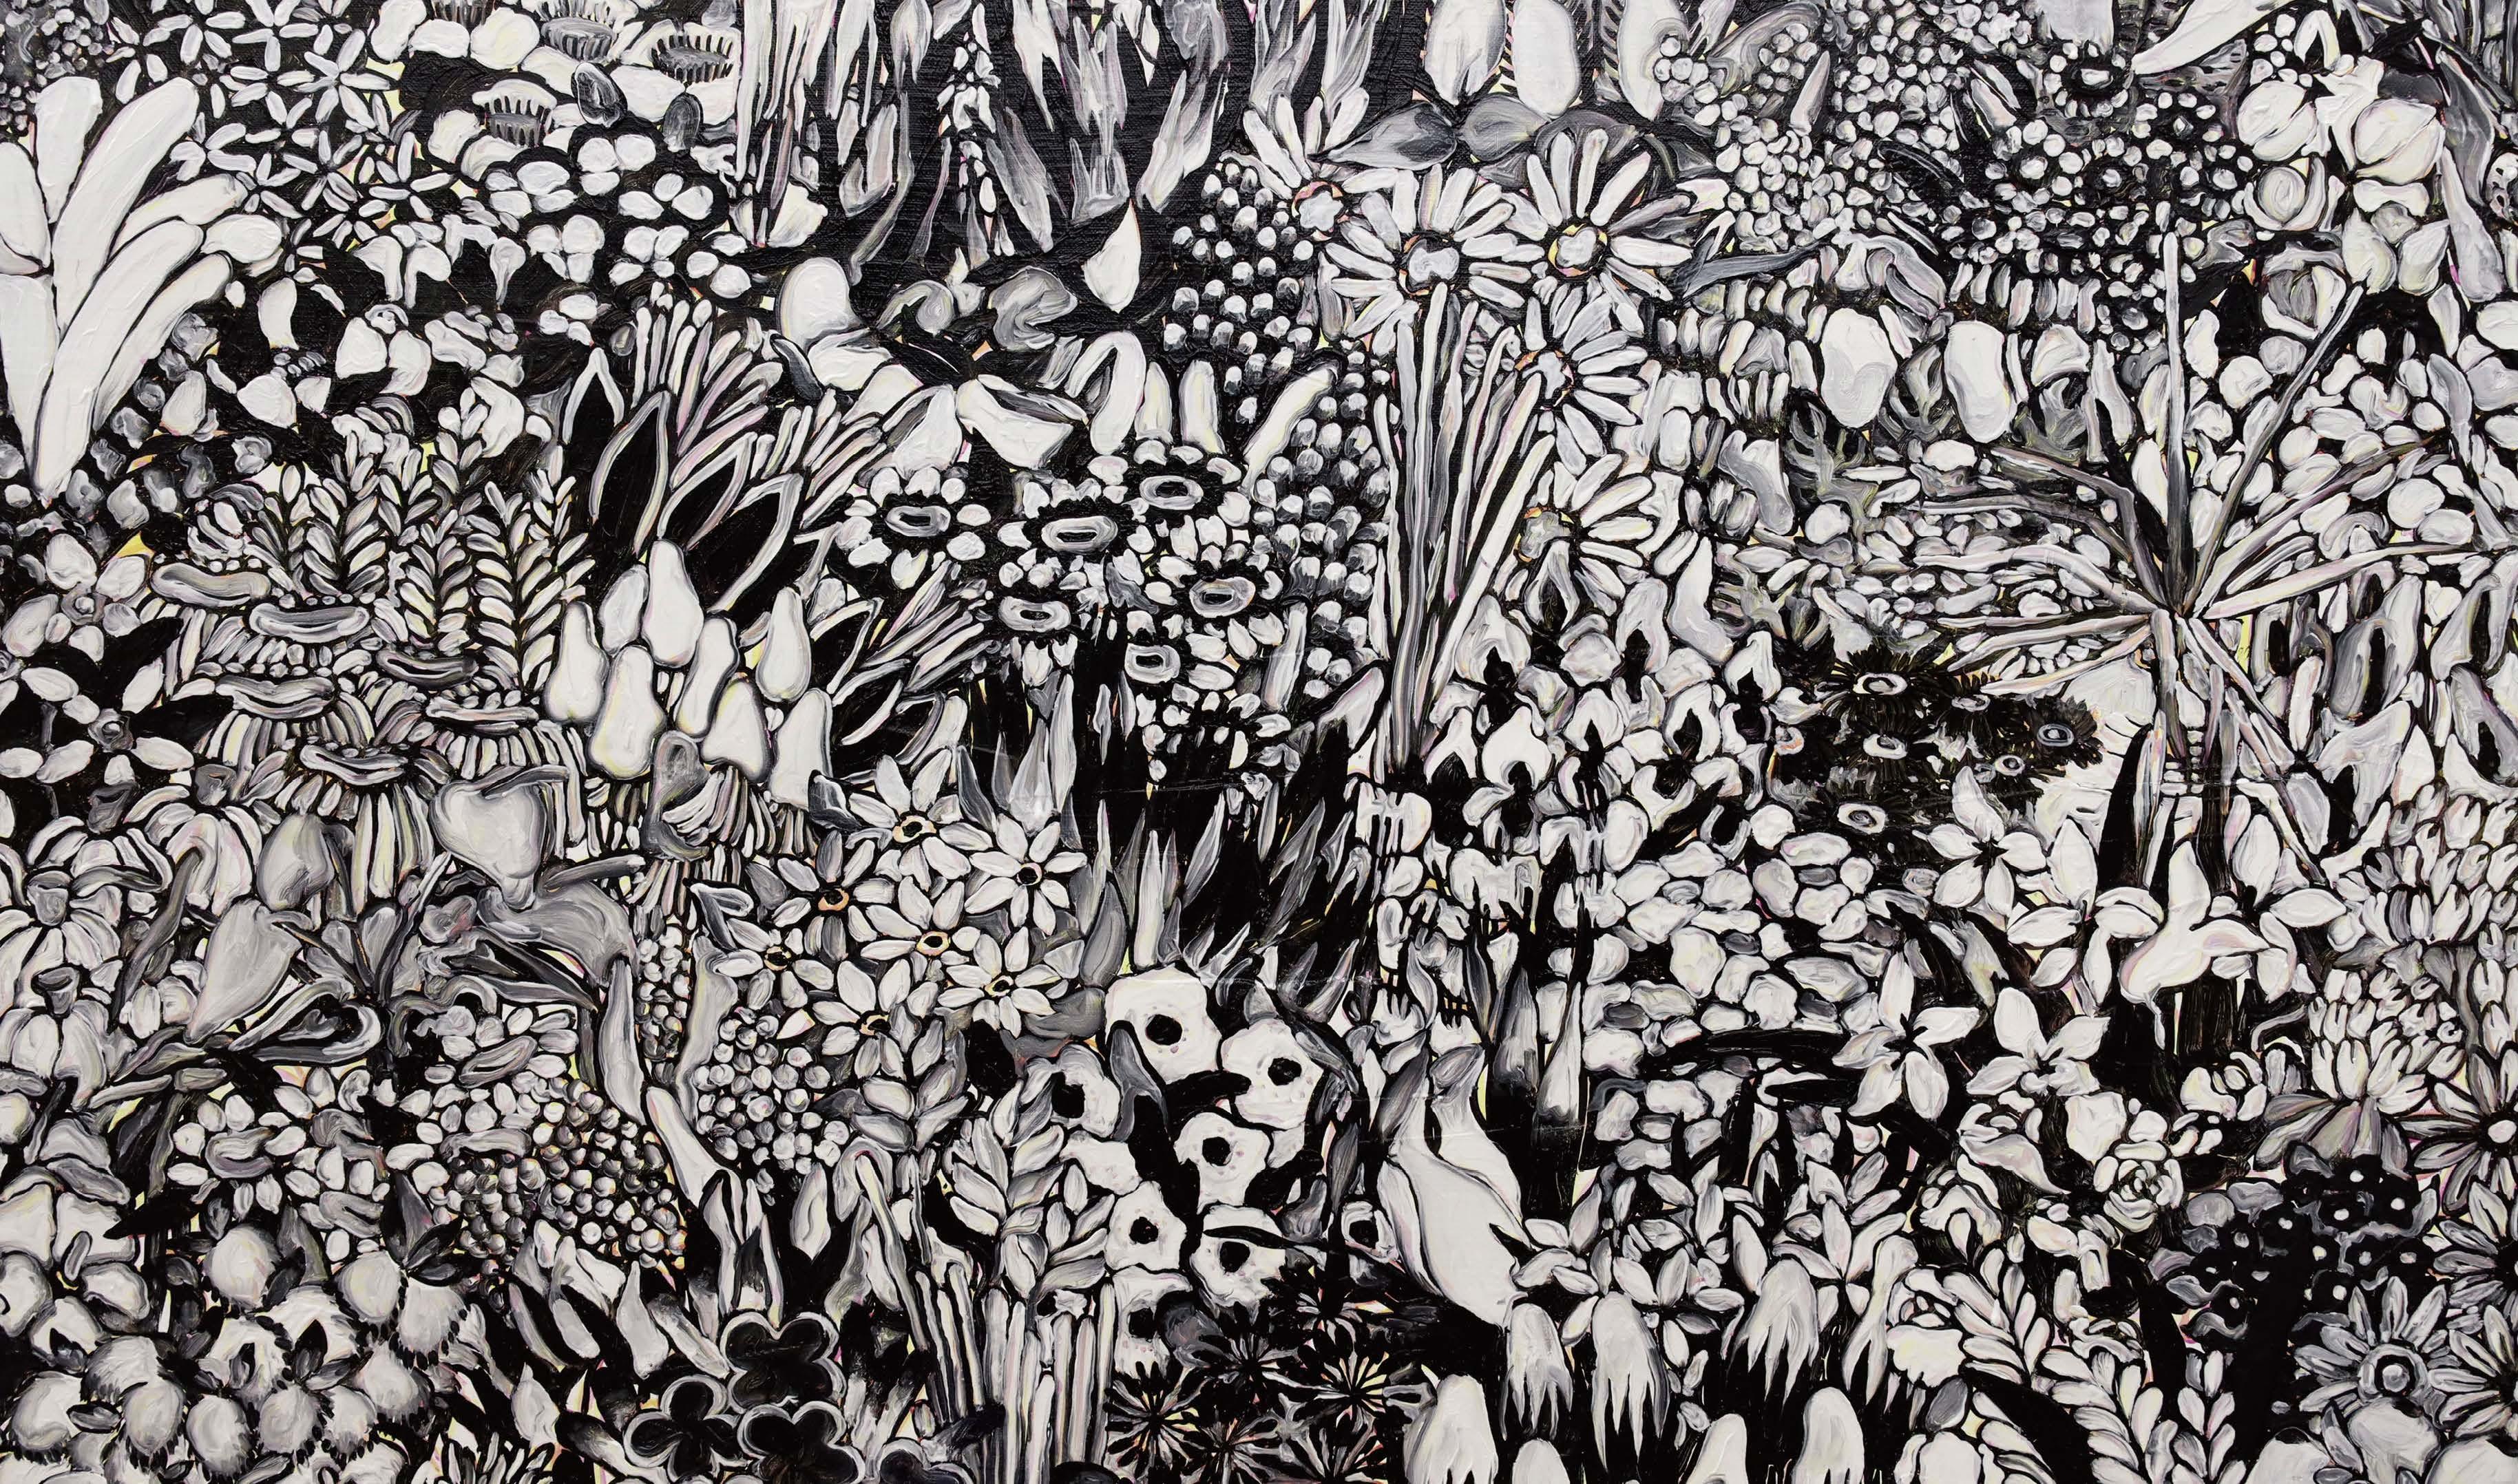 <p>秋田魁新報社特別賞</p> <p>「モノピカル」</p> <p>南林 いづみ Minamibayashi Izumi<br /> (ビジュアルアーツ専攻)</p> <p>常に意欲的に実験を重ね、質の高い制作姿勢を貫く作者は、無数の植物が埋め尽くす絵画を描く。作者が描き続けるこのシリーズは 、これまで圧倒される極彩色とさまざまなサイズによる制作が行われてきた。しかし、卒業研究作品は、一転して色彩はほぼモノクロームを採用することで、モチーフ個々の形態やテクスチャーの特性が強まり、大画面であることも相まって、きわめて鮮烈な絵画体験を見る者に与える意欲作となった。</p> <p>平面作品 絵画2点</p>